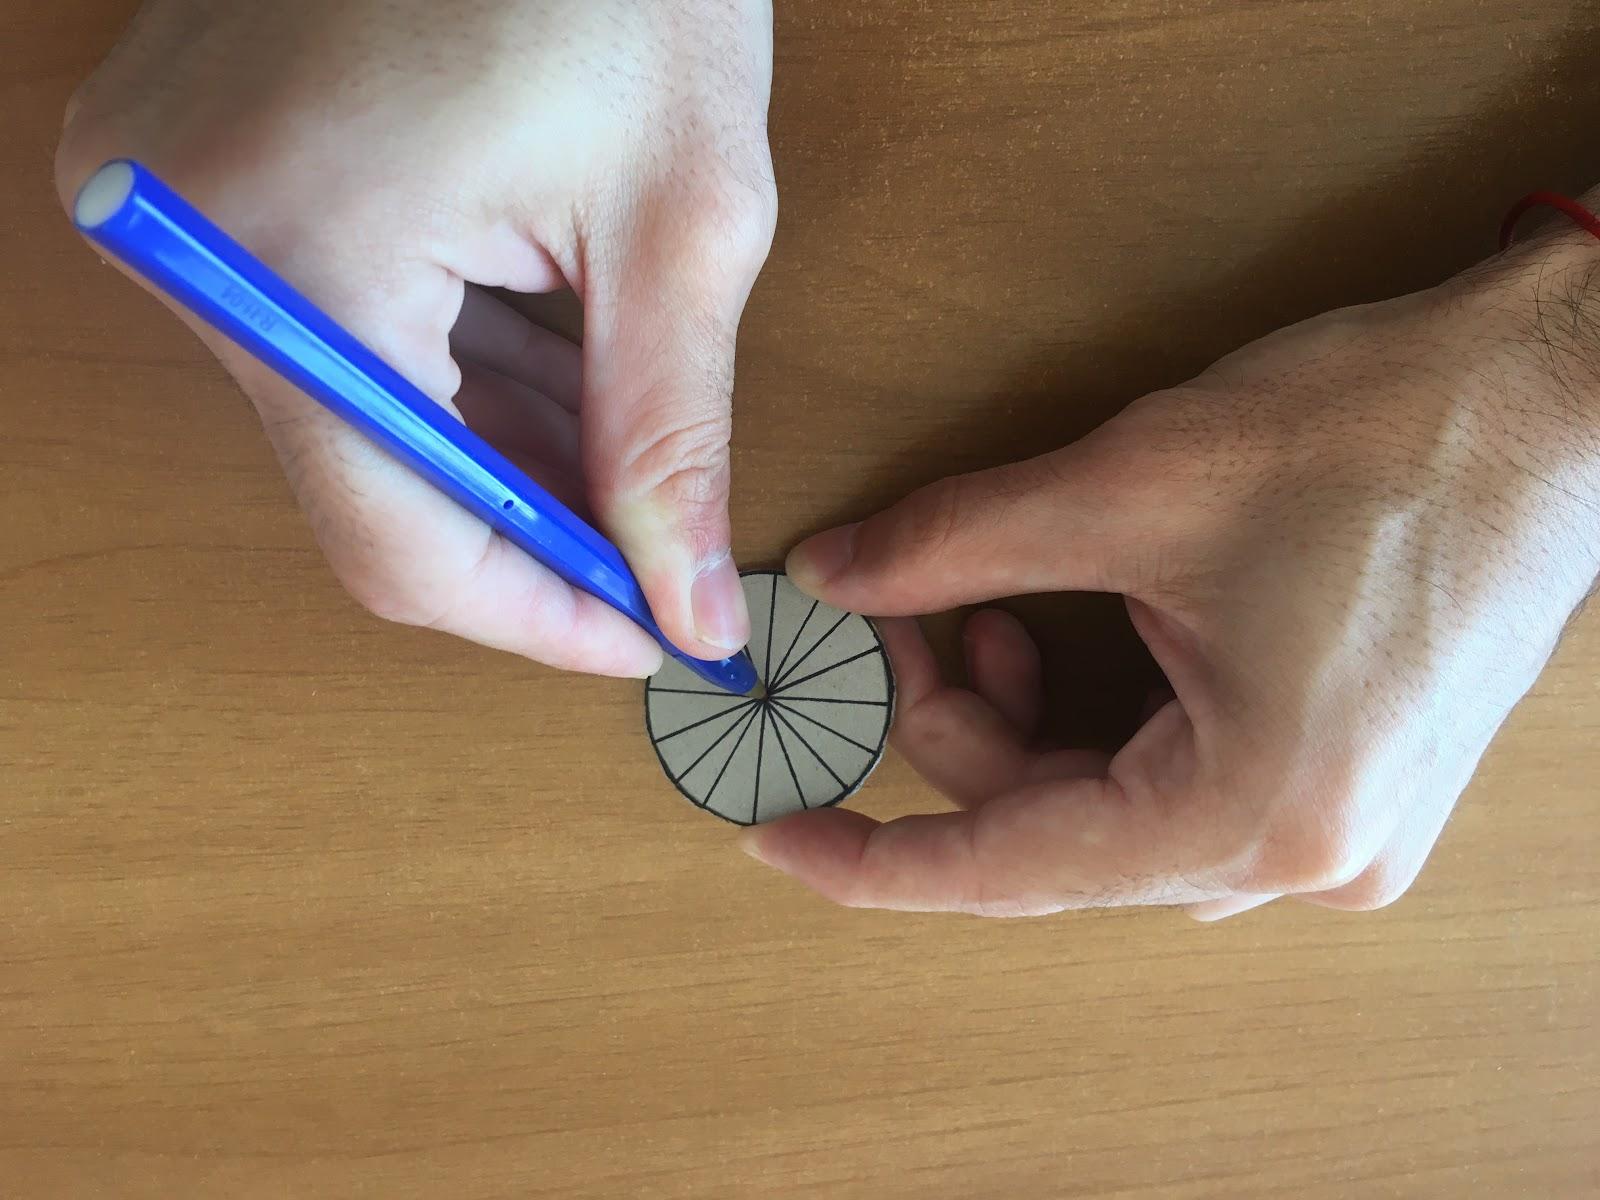 Agujereando la circunferencia de cartón con la punta de una birome.